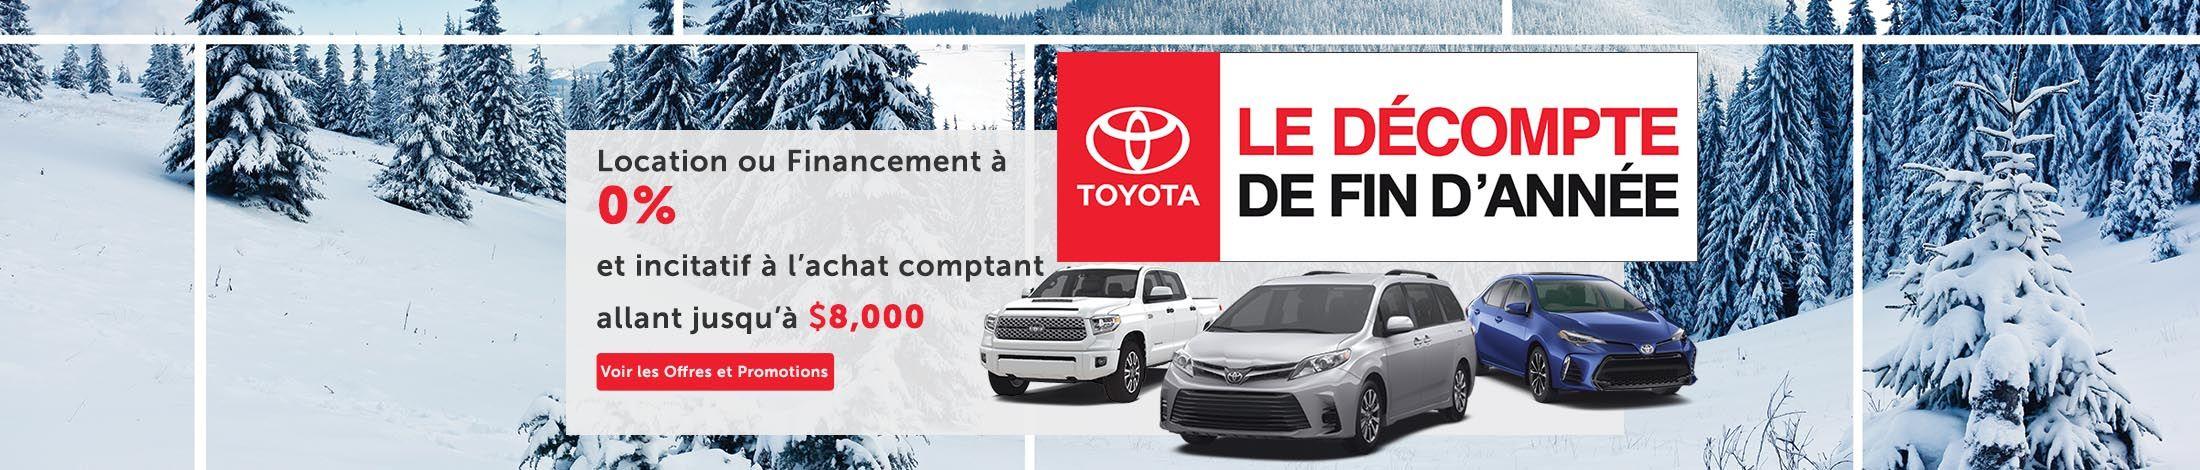 Toyota le décompte de fin d'année